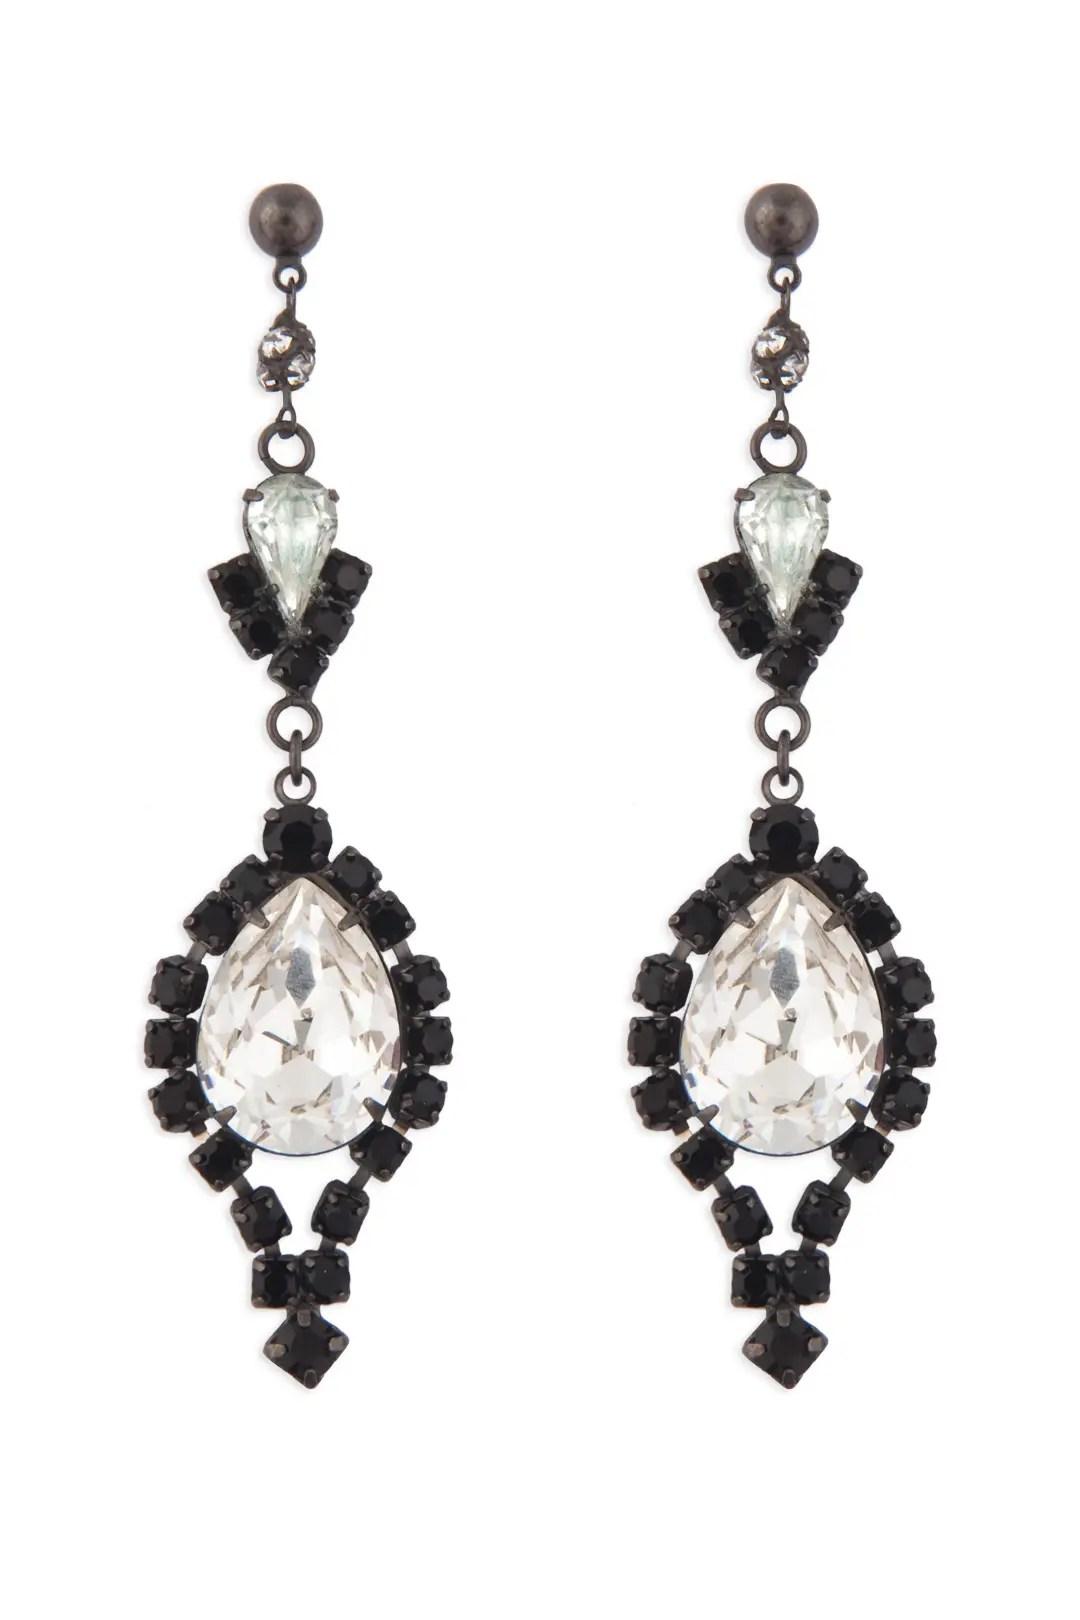 Black and Crystal Chandelier Earrings by Tom Binns for $30